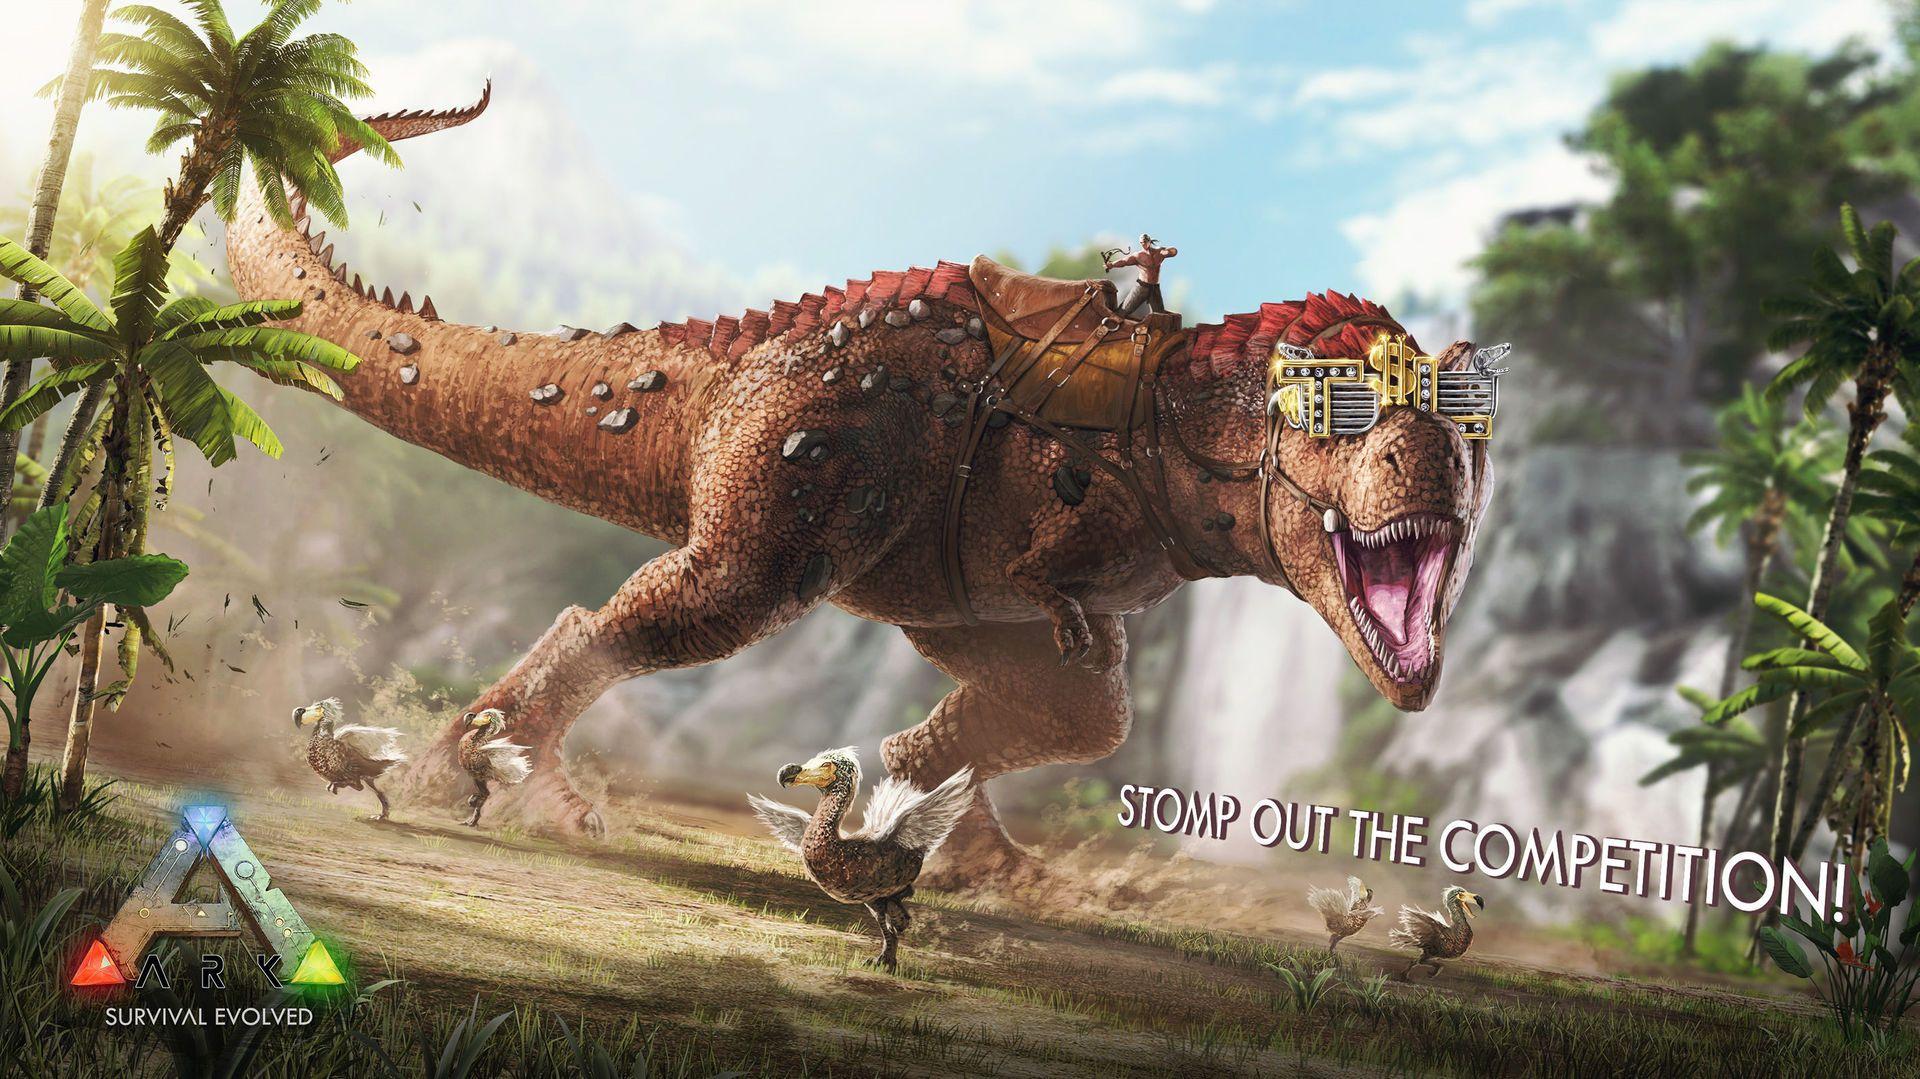 Wallpaper HD ARK SurvivalEvolved - Dinosaurs